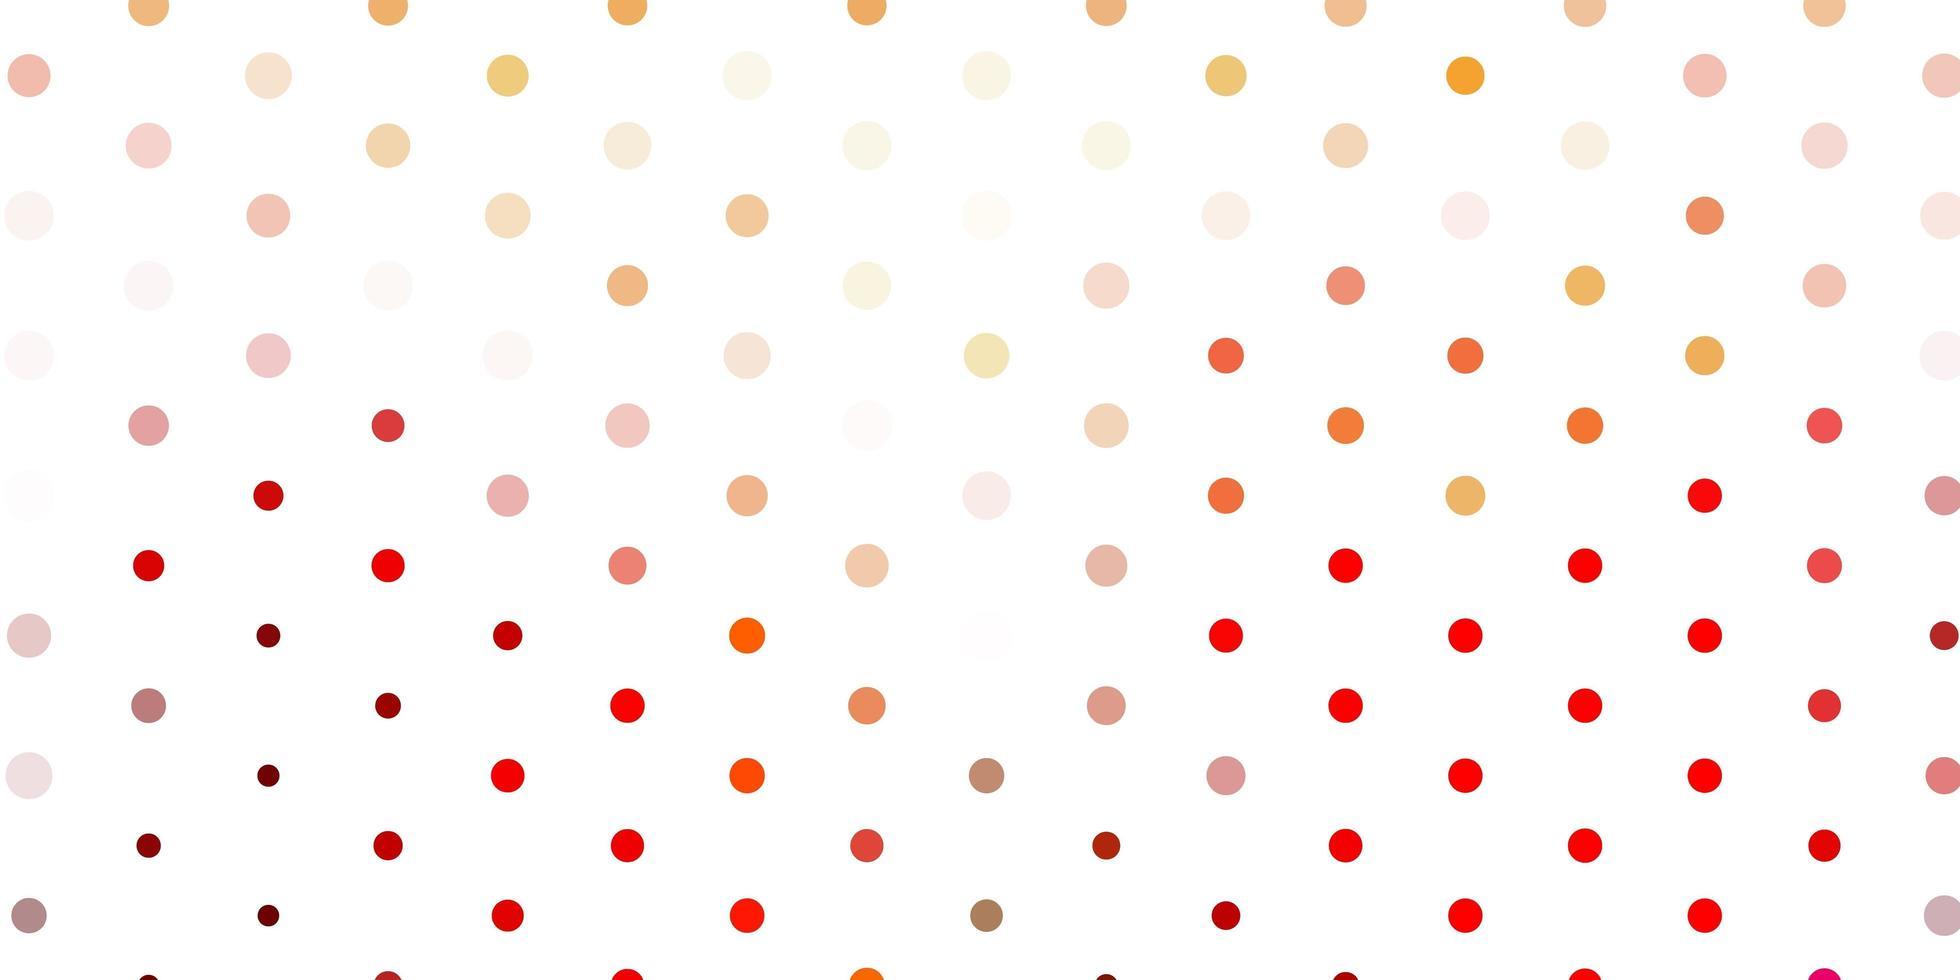 fundo vector vermelho claro com bolhas